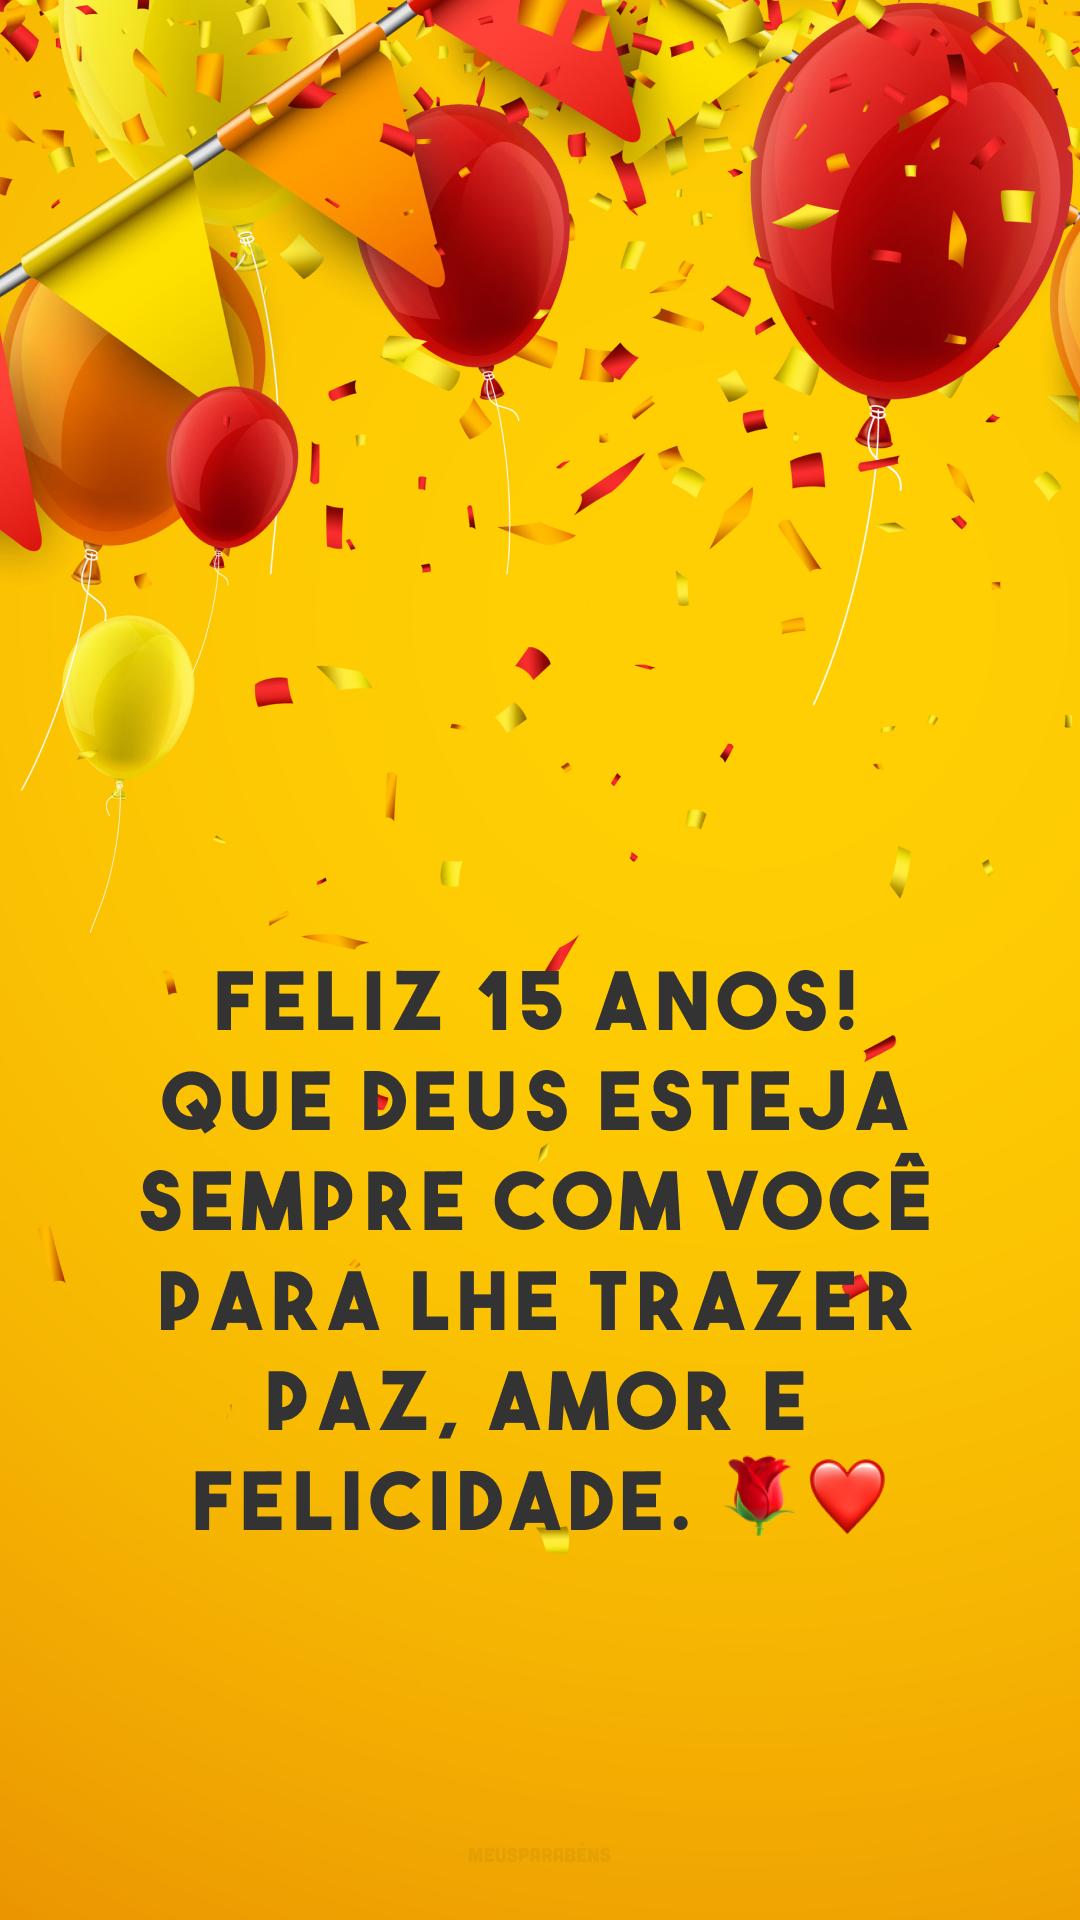 Feliz 15 anos! Que Deus esteja sempre com você para lhe trazer paz, amor e felicidade. 🌹❤